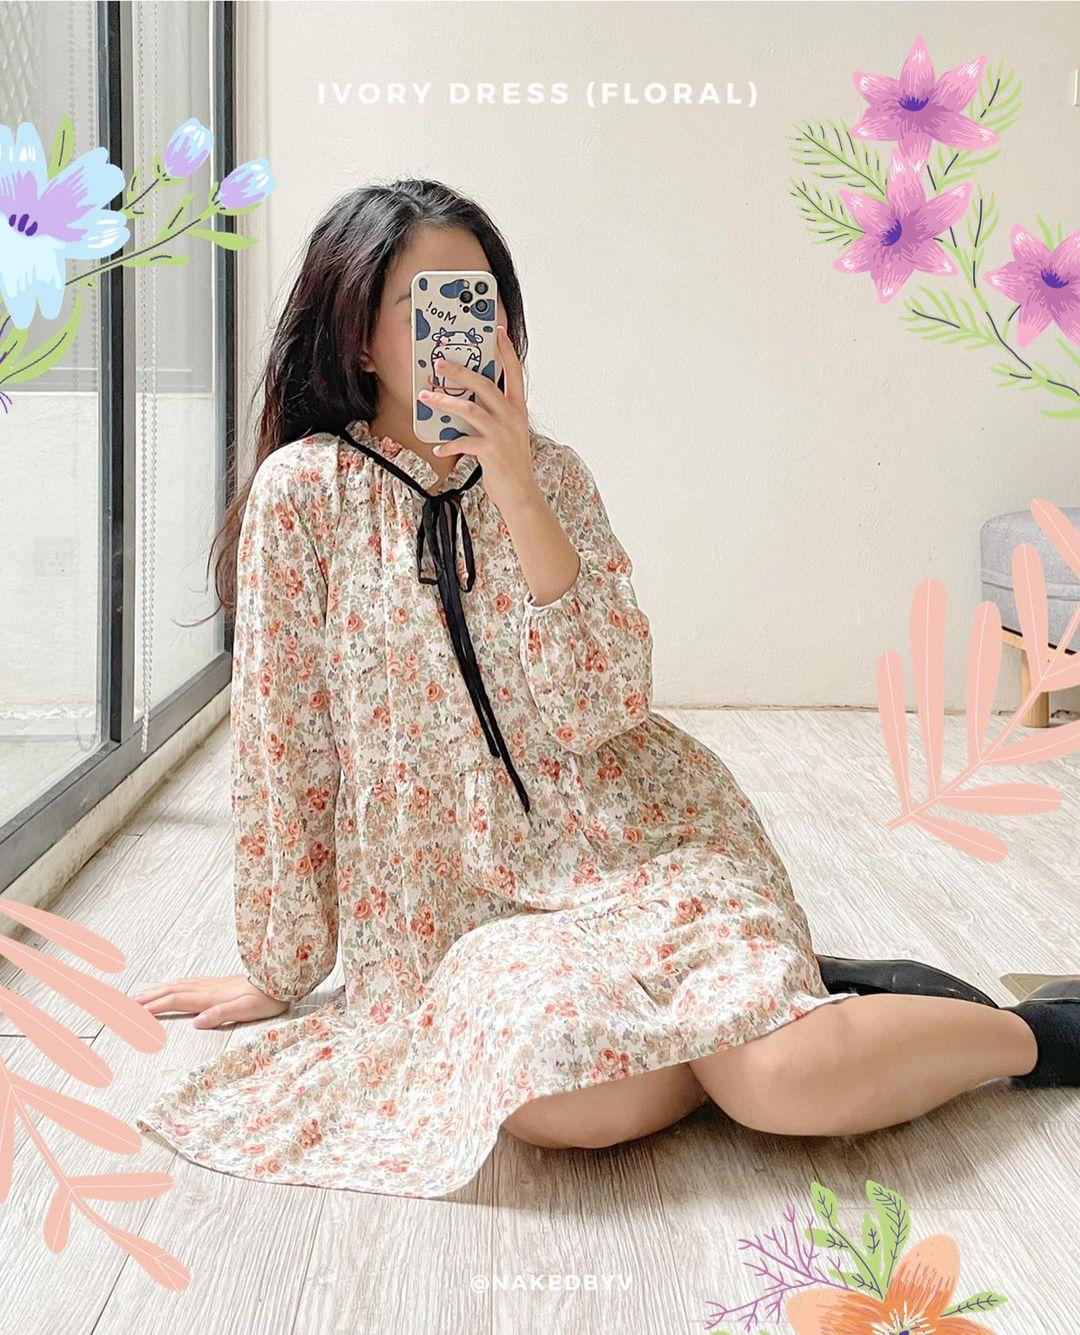 Học ca nương Kiều Anh tậu váy suông oversize giá chỉ vài trăm, mặc mát mà xinh như công chúa - Ảnh 7.